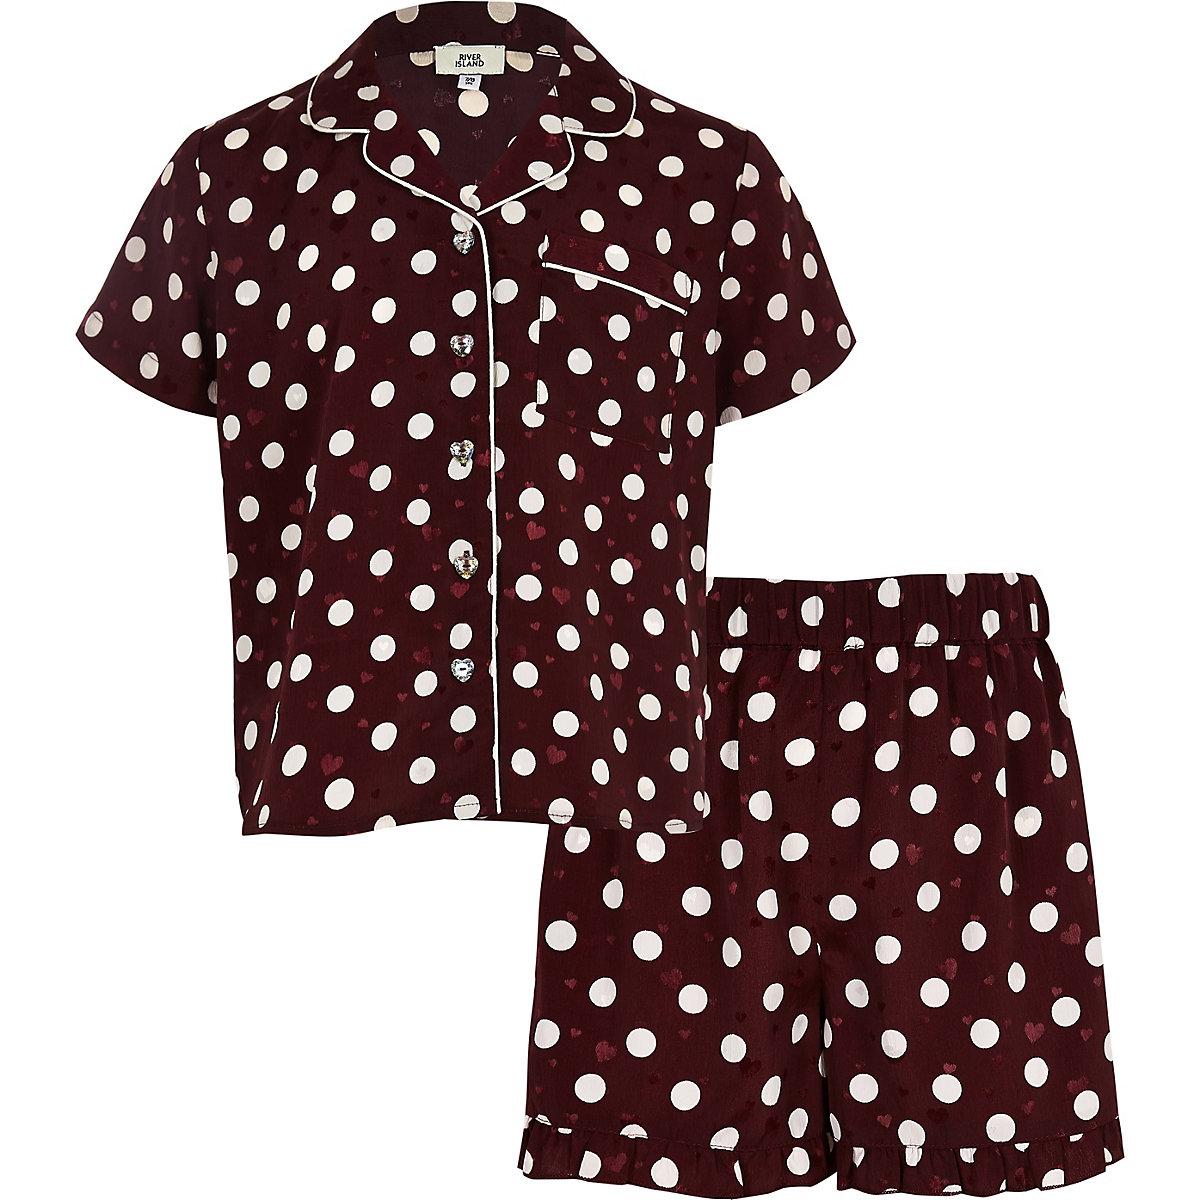 Girls red polka dot satin pajama set